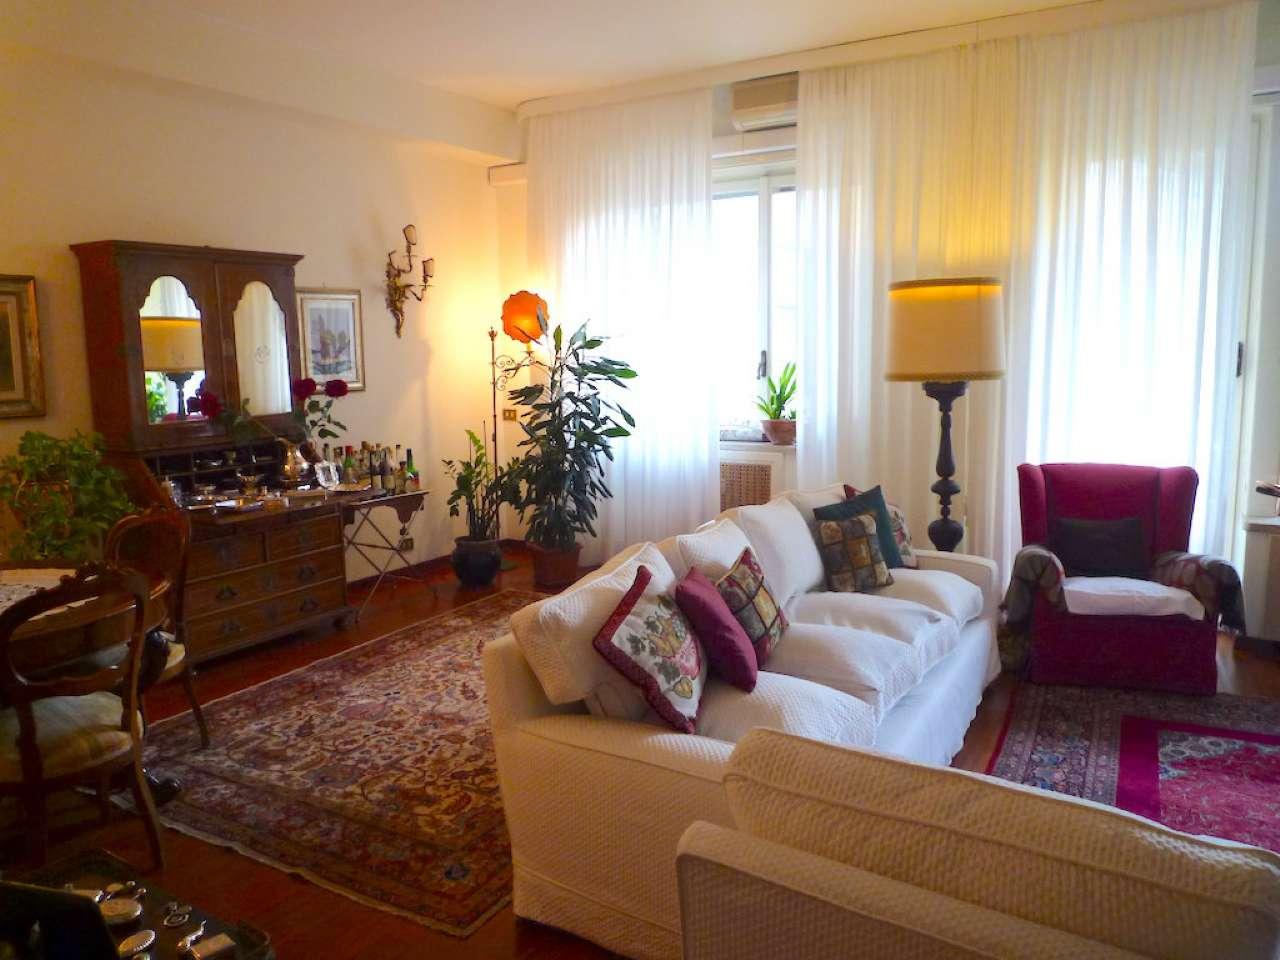 Appartamento in vendita a Milano, 4 locali, zona Zona: 1 . Centro Storico, Duomo, Brera, Cadorna, Cattolica, prezzo € 1.300.000 | CambioCasa.it